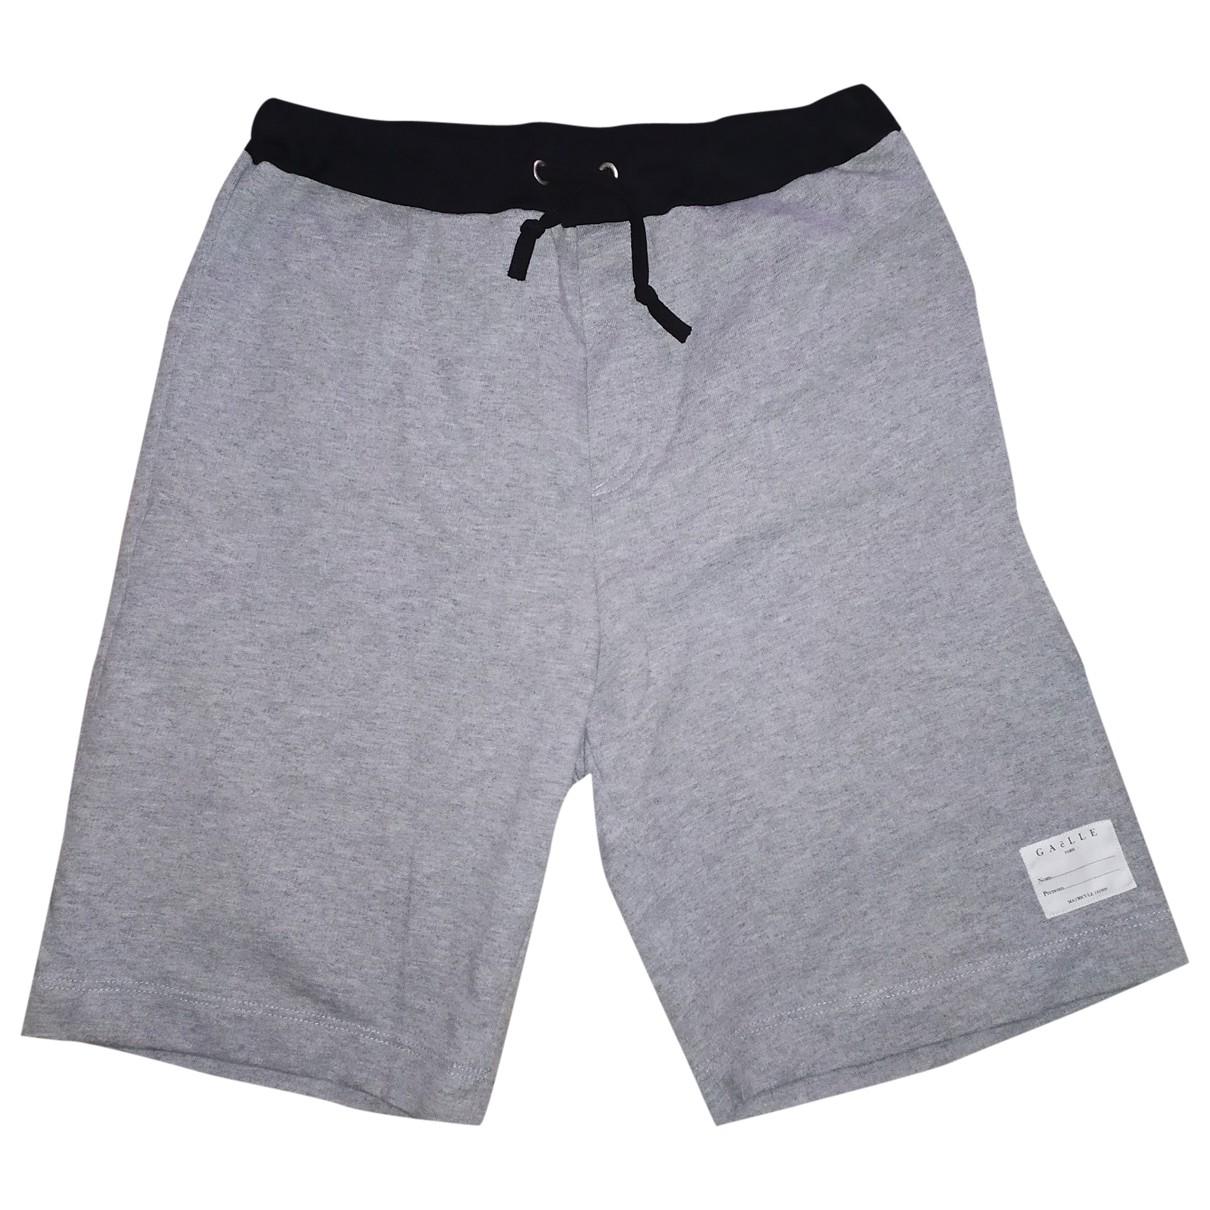 Gaelle Paris \N Shorts in  Grau Baumwolle